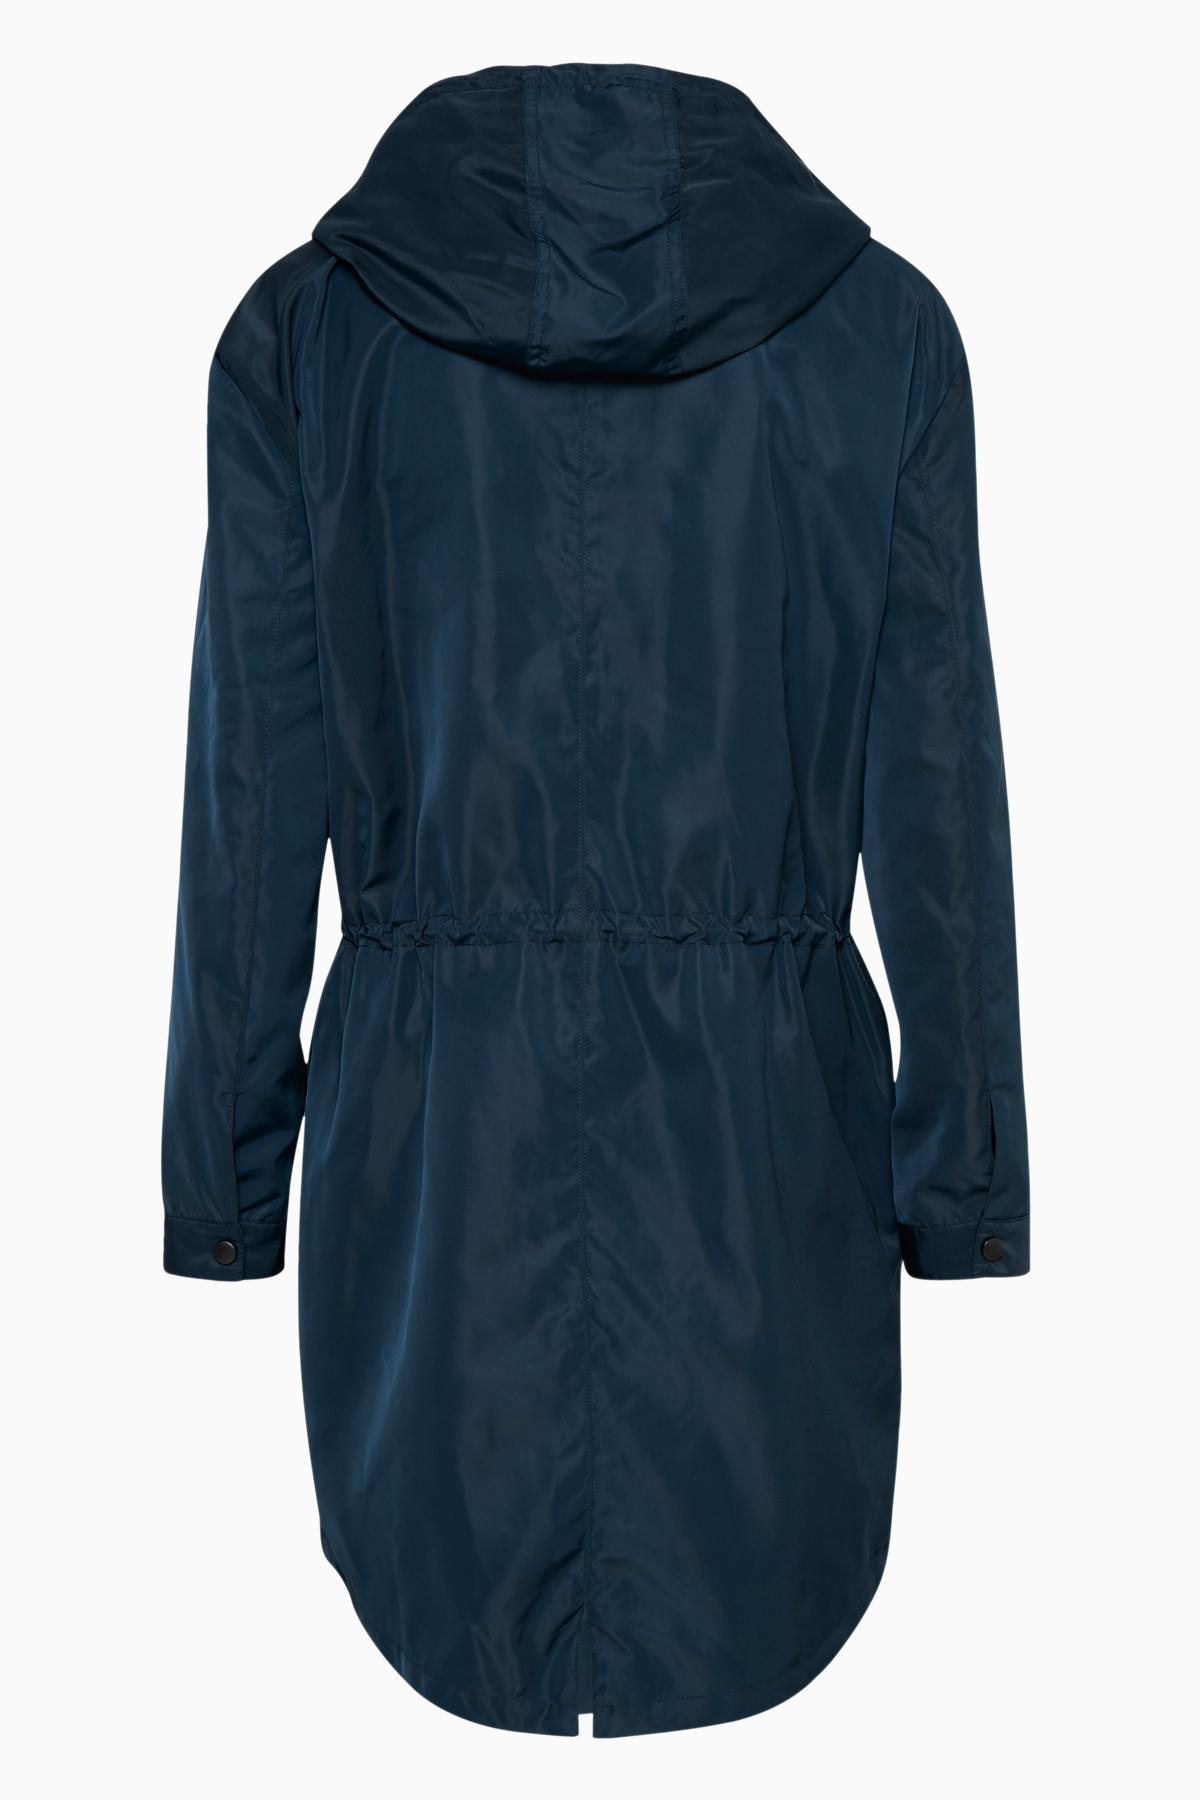 Marineblå Frakke fra Bon'A Parte – Køb Marineblå Frakke fra str. S-3XL her